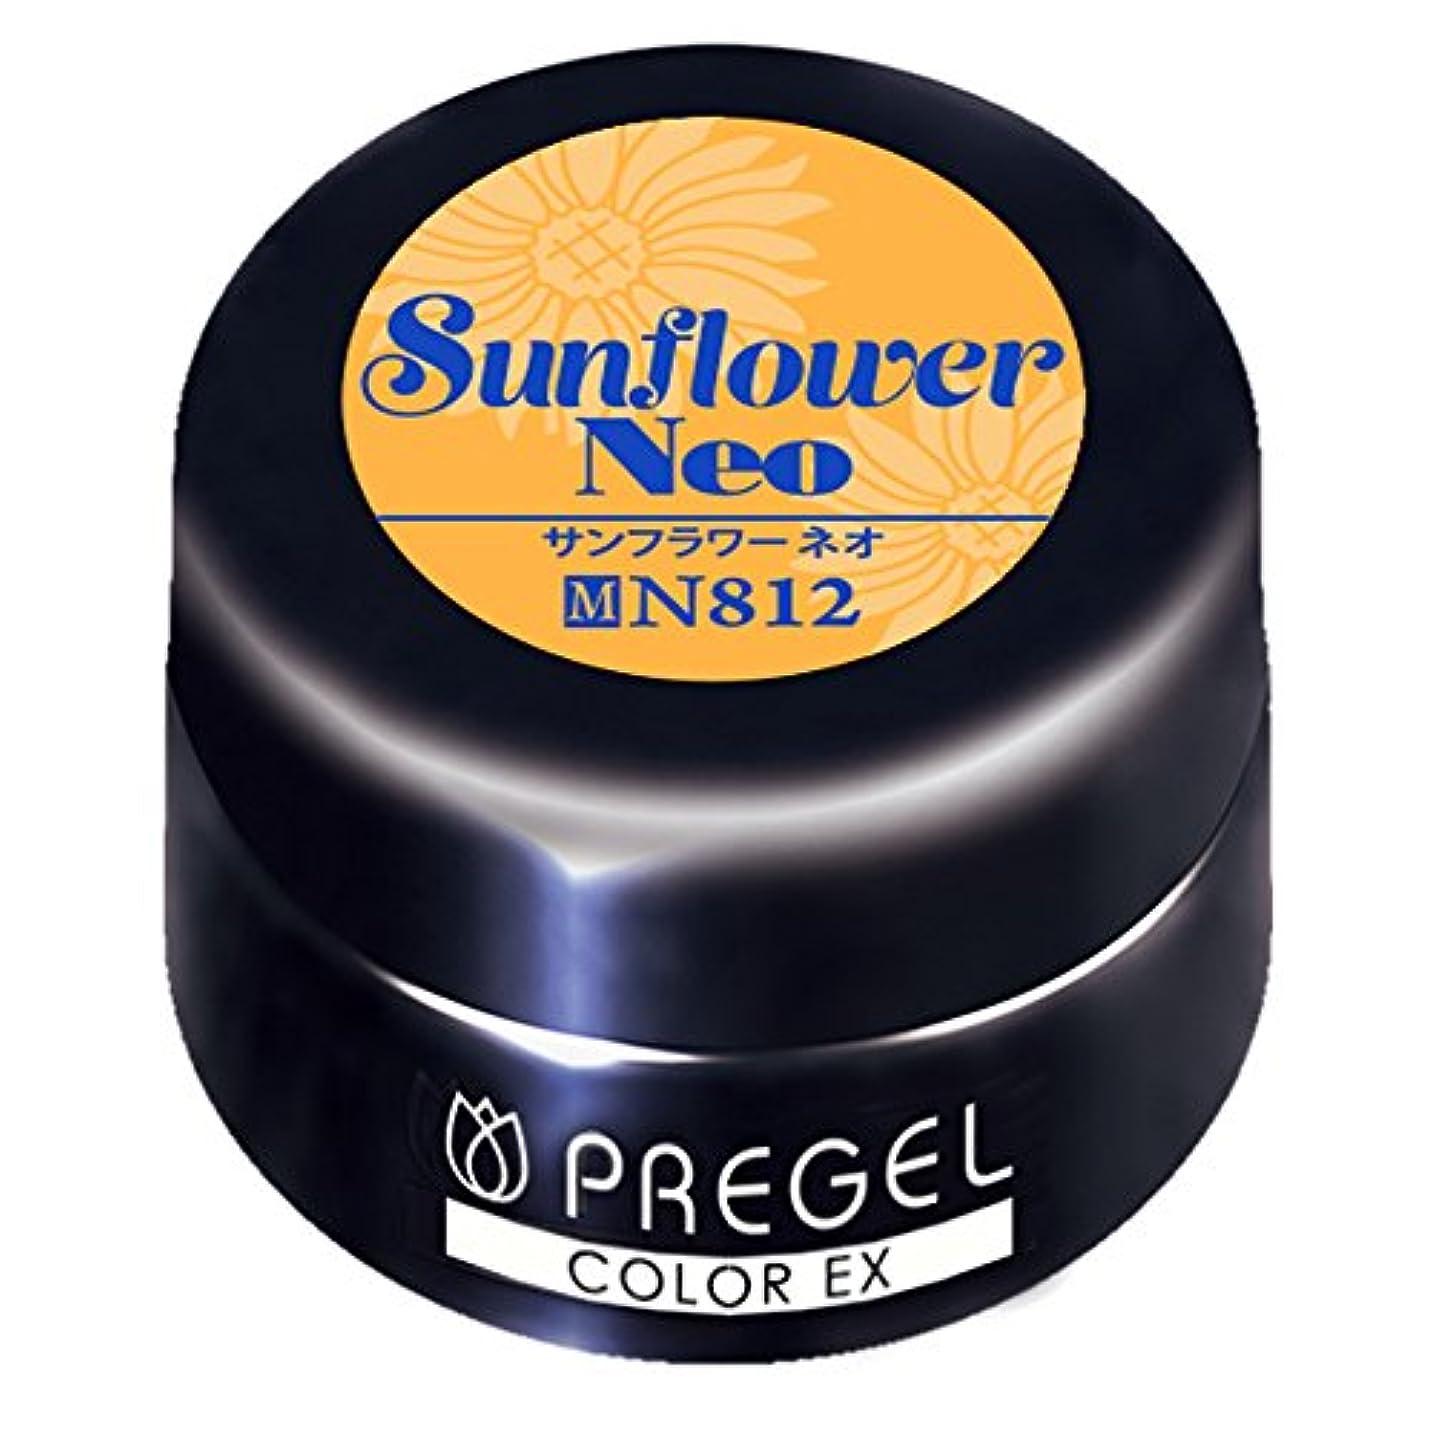 恨み溶けた白いPRE GEL カラーEX サンフラワーneo812 3g UV/LED対応